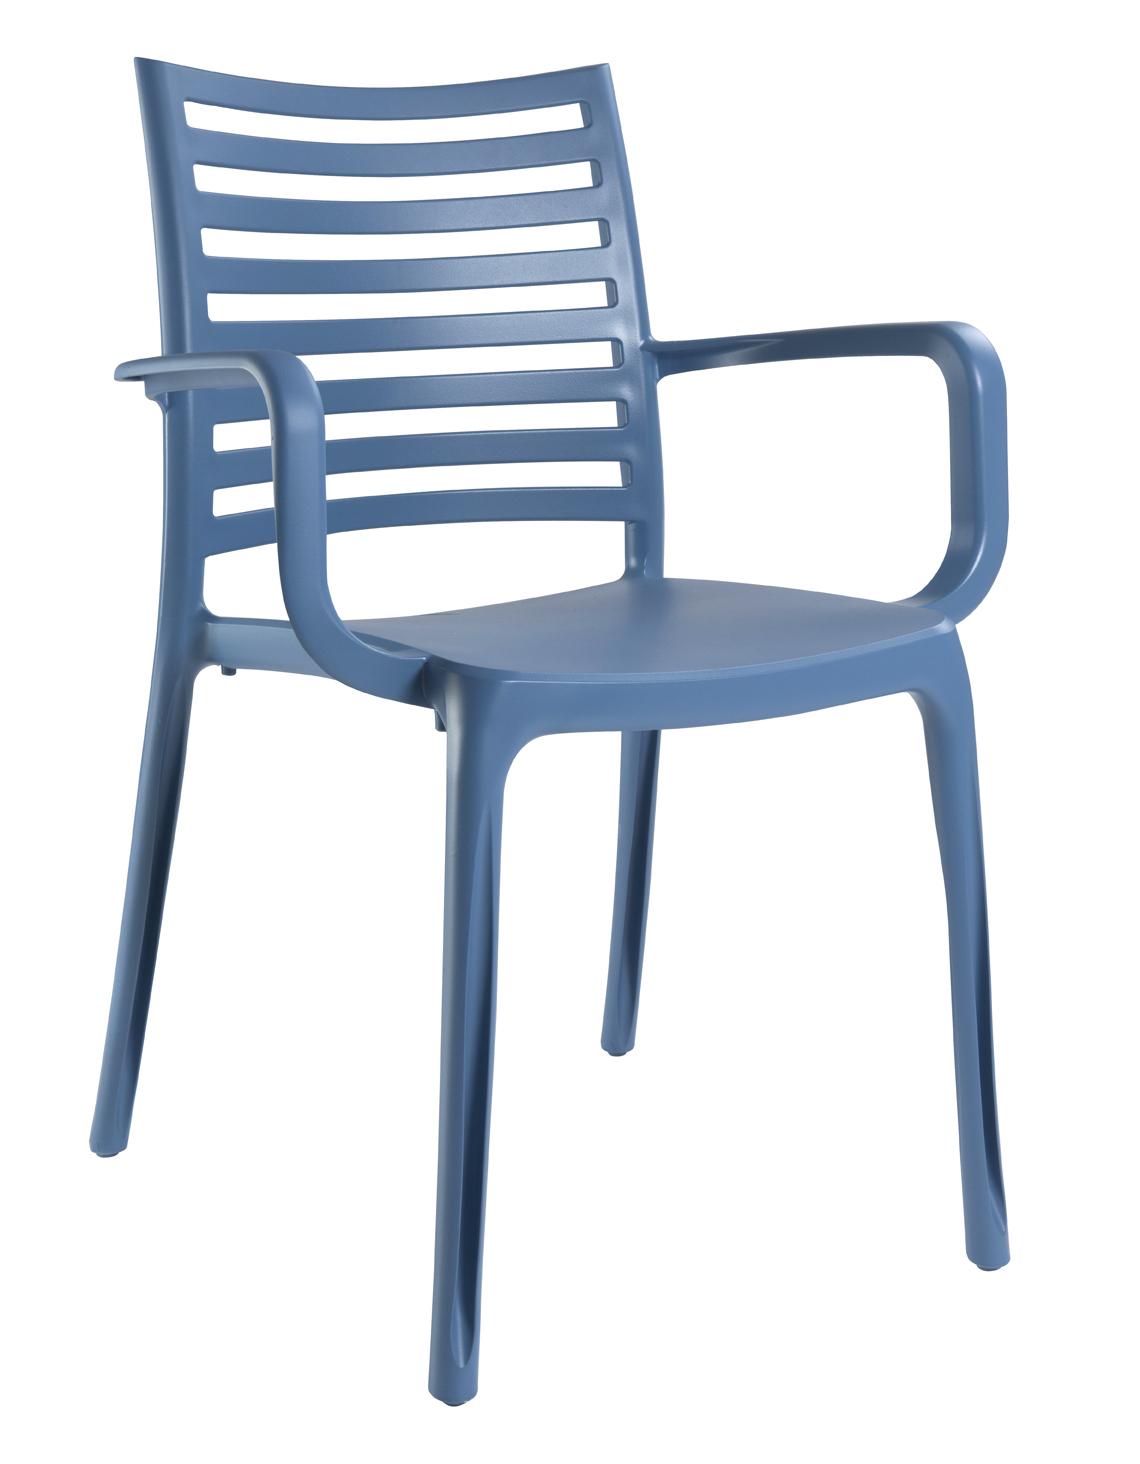 Sunday Garden Chair | Grosfillex à Fauteuil De Jardin Grosfillex